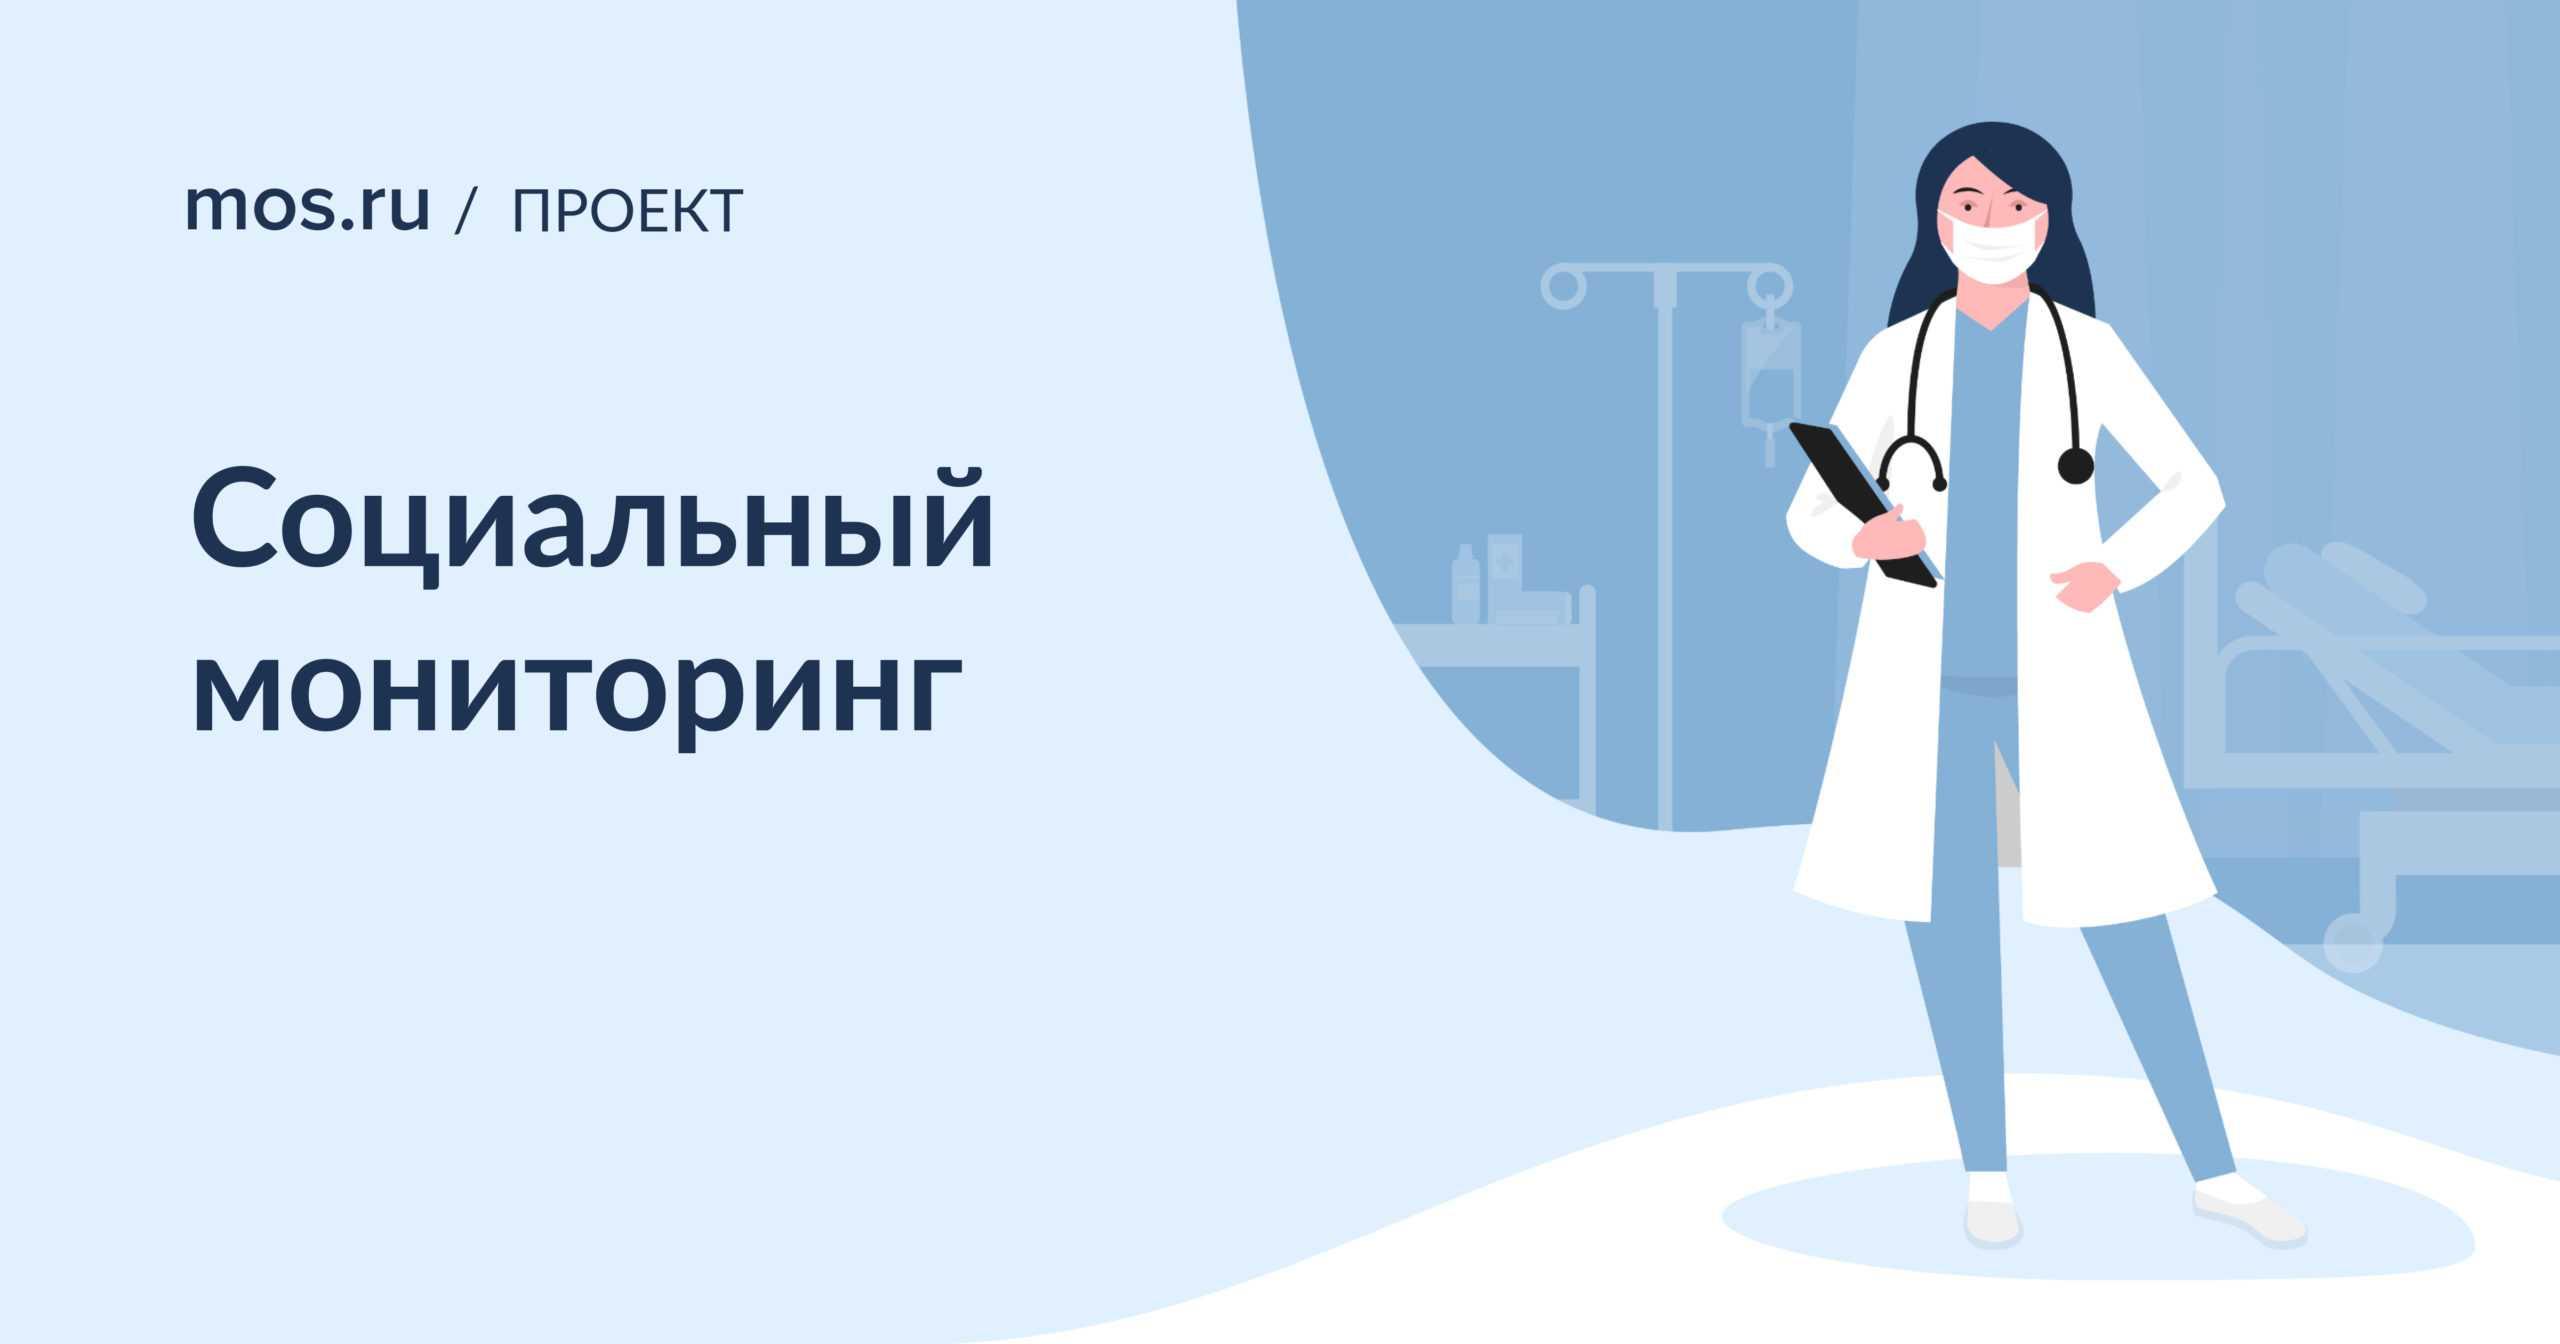 Социальный мониторинг - мобильное приложение контроля соблюдения карантина / Проекты / Сайт Москвы